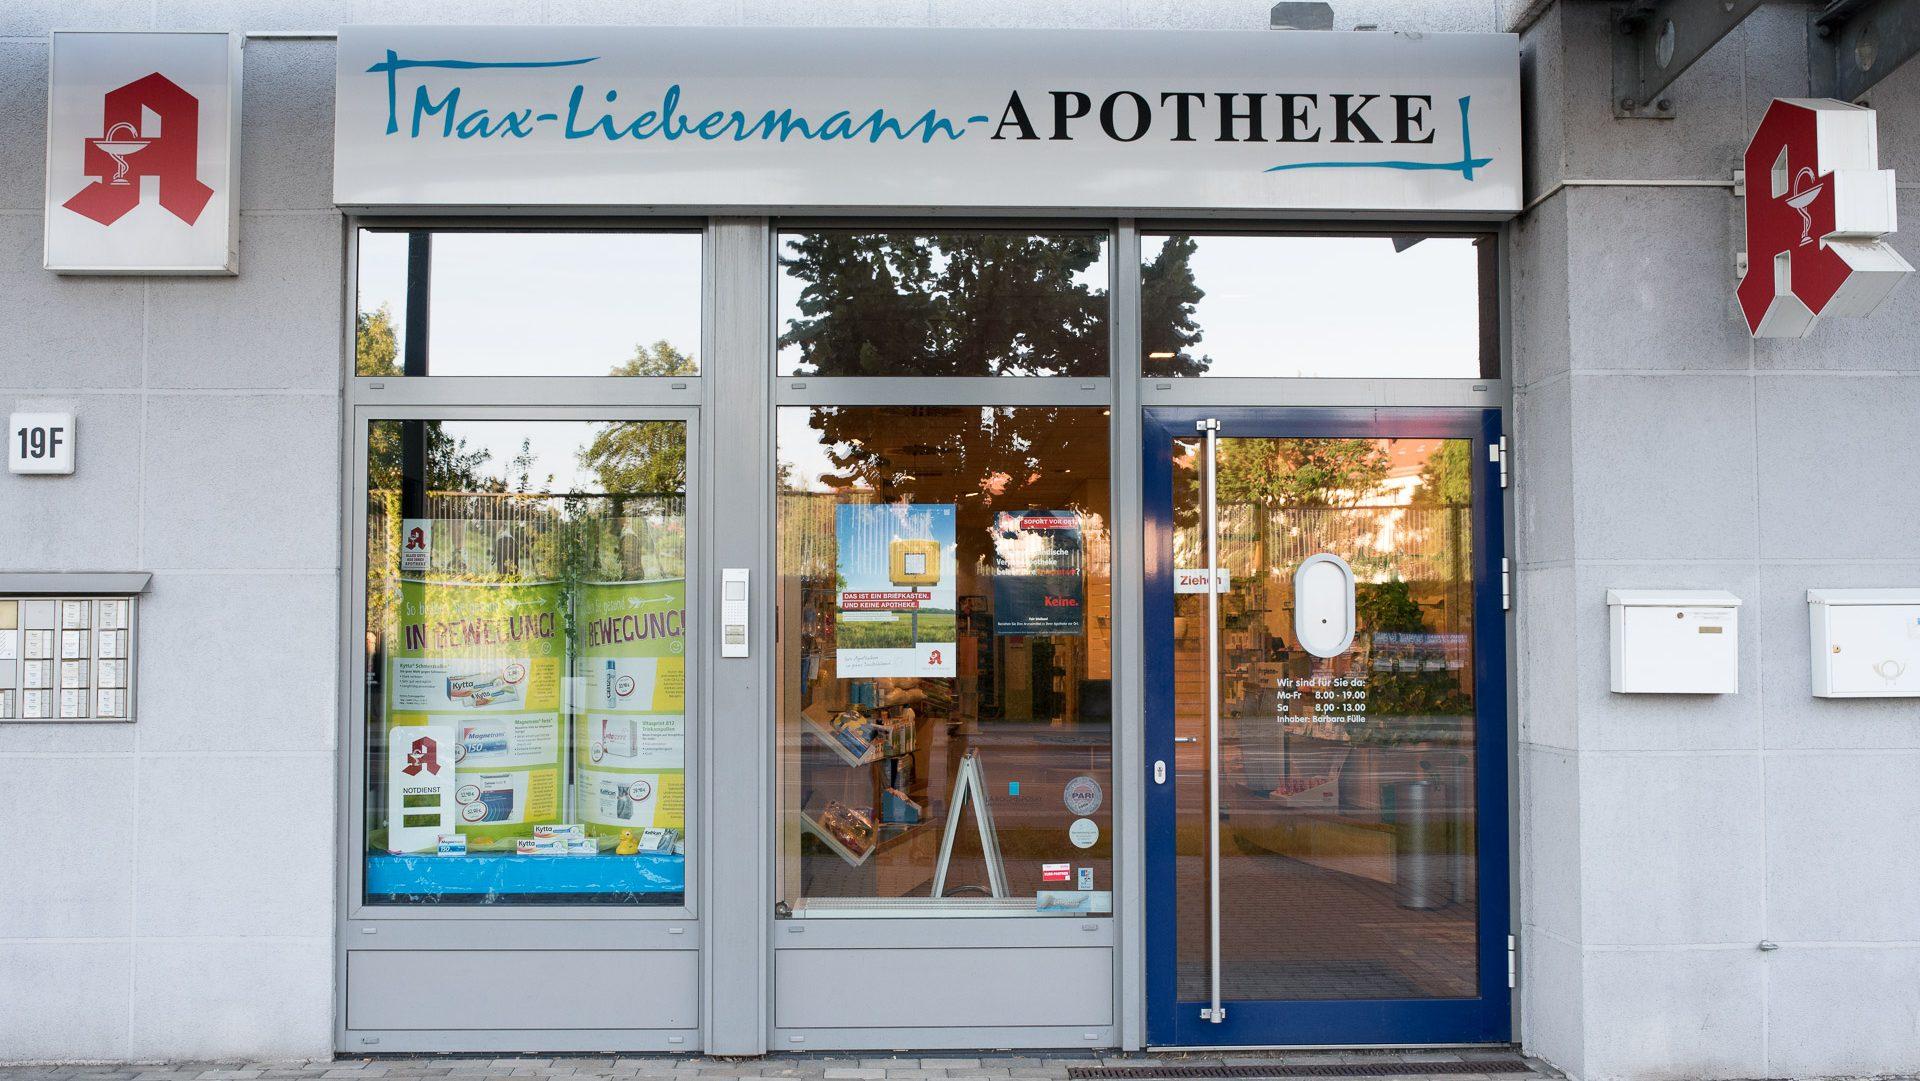 Max-Liebermann-Apotheke